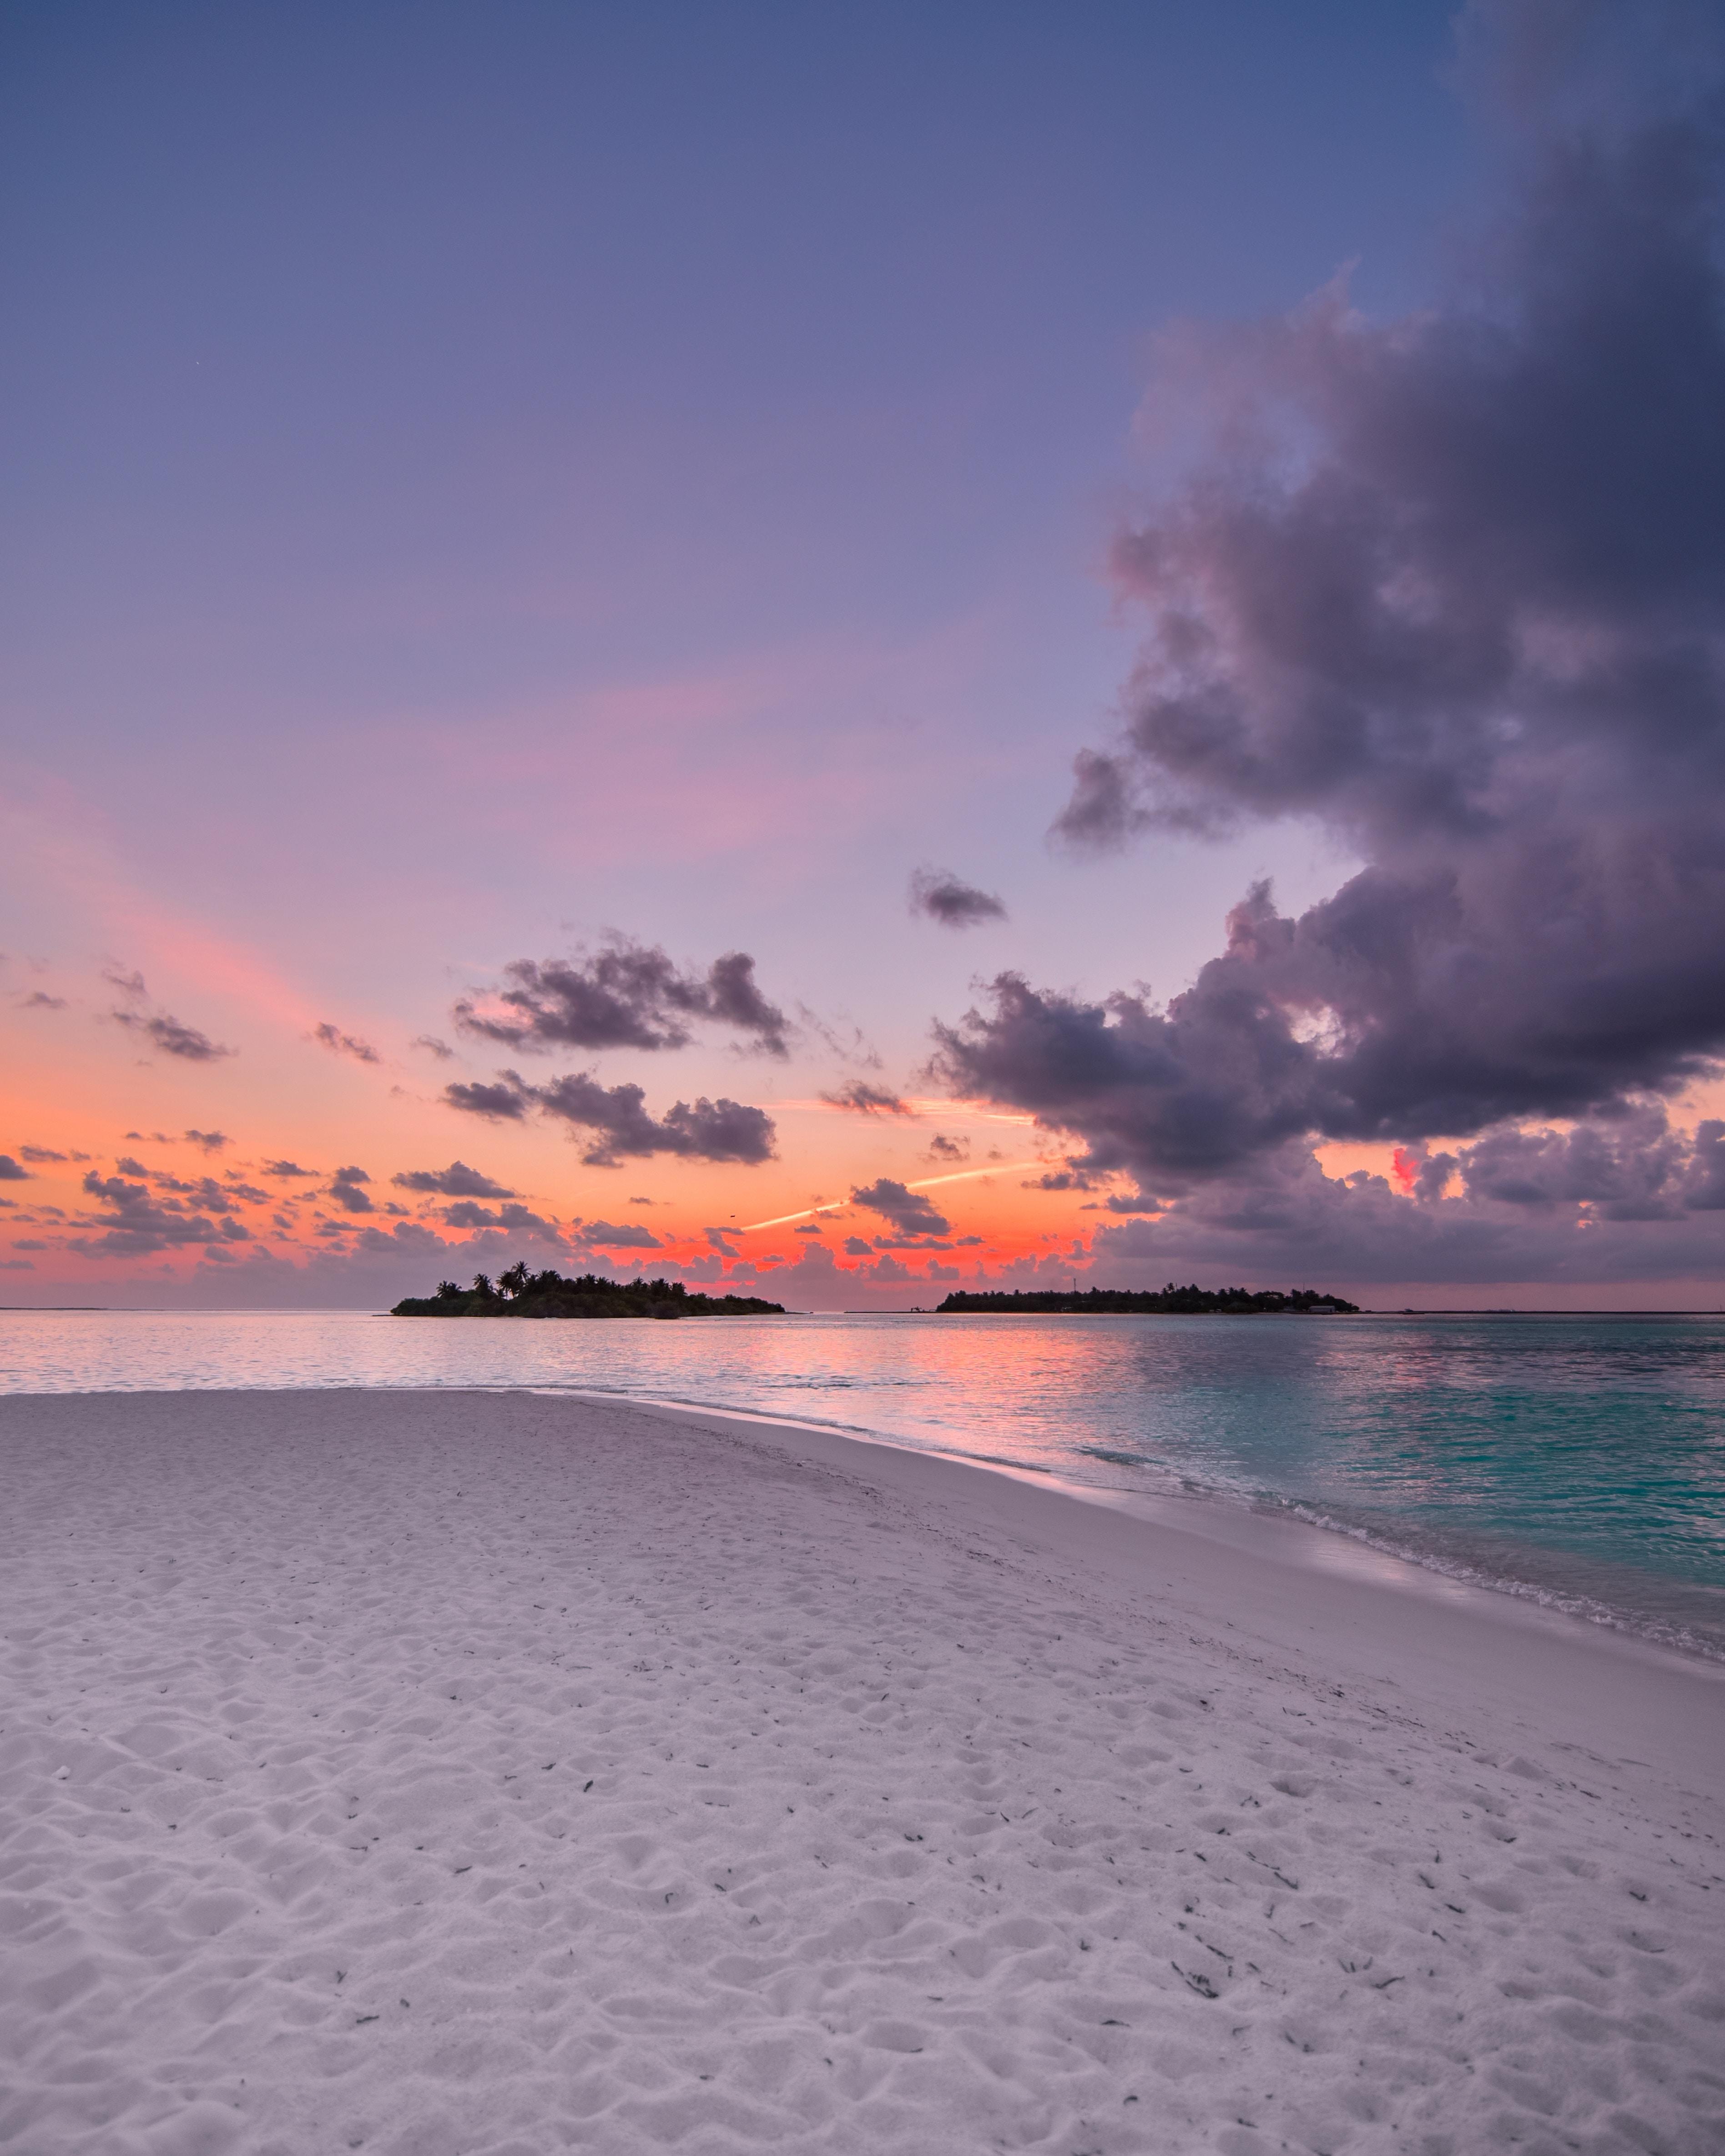 76108 Hintergrundbild herunterladen Natur, Sunset, Sky, Strand, Sand, Horizont, Ozean - Bildschirmschoner und Bilder kostenlos